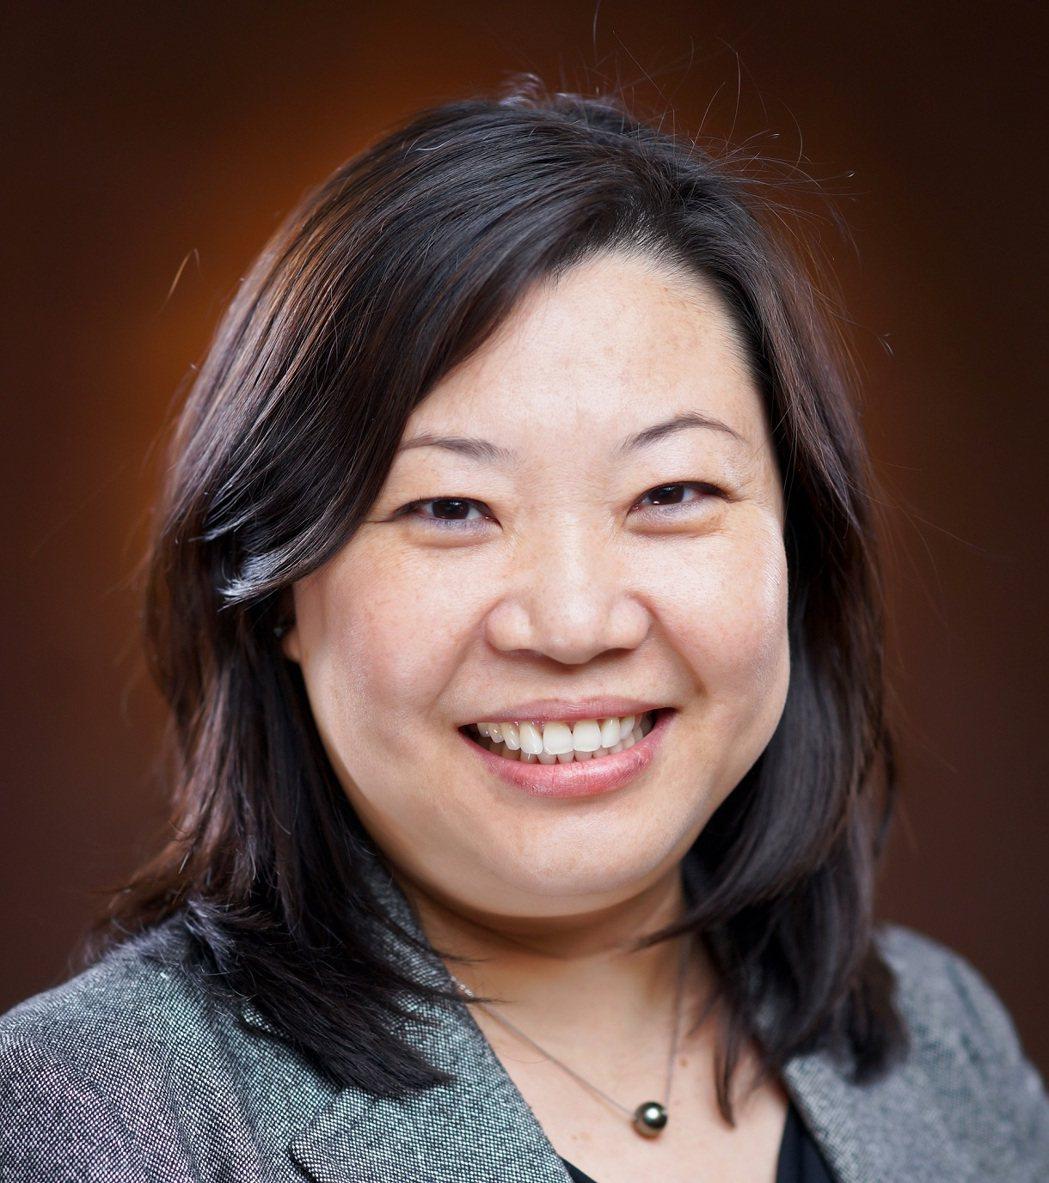 勤業眾信聯合會計師事務所全球證券發行服務負責會計師賈小音。 圖/勤業眾信提供